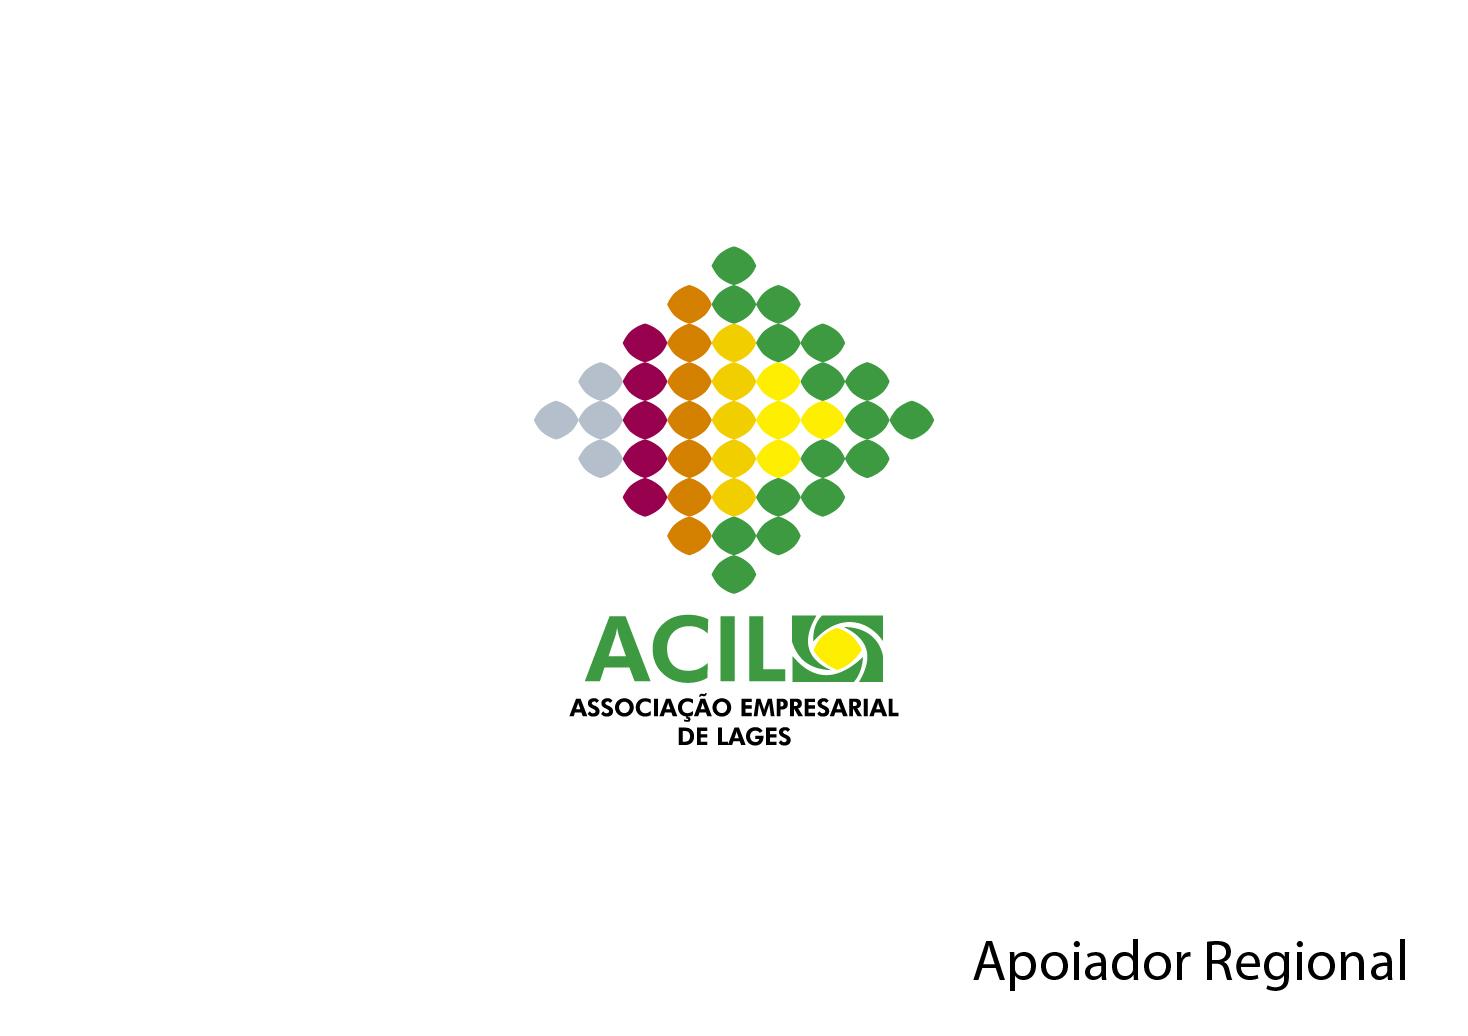 Logotipo EB ACIL - Associação Empresarial de Lages